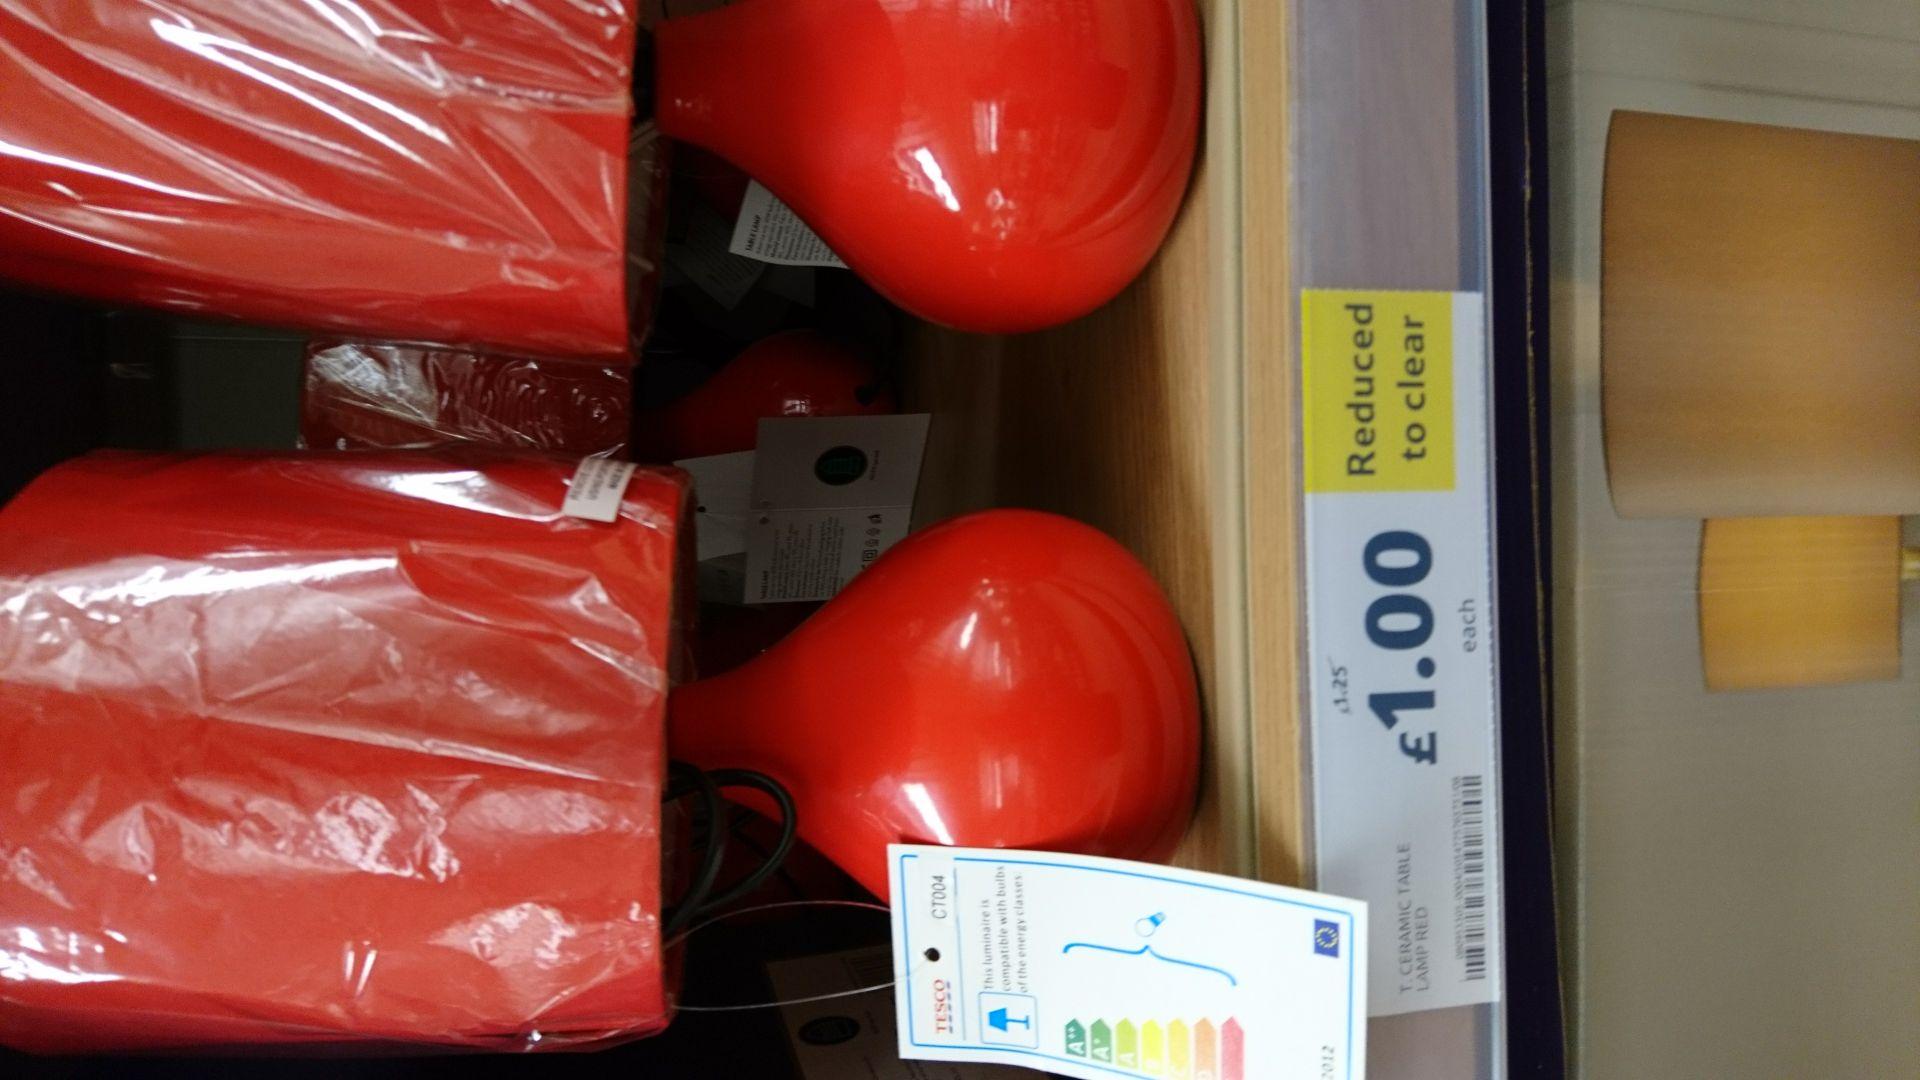 Tesco table lamp £1 instore